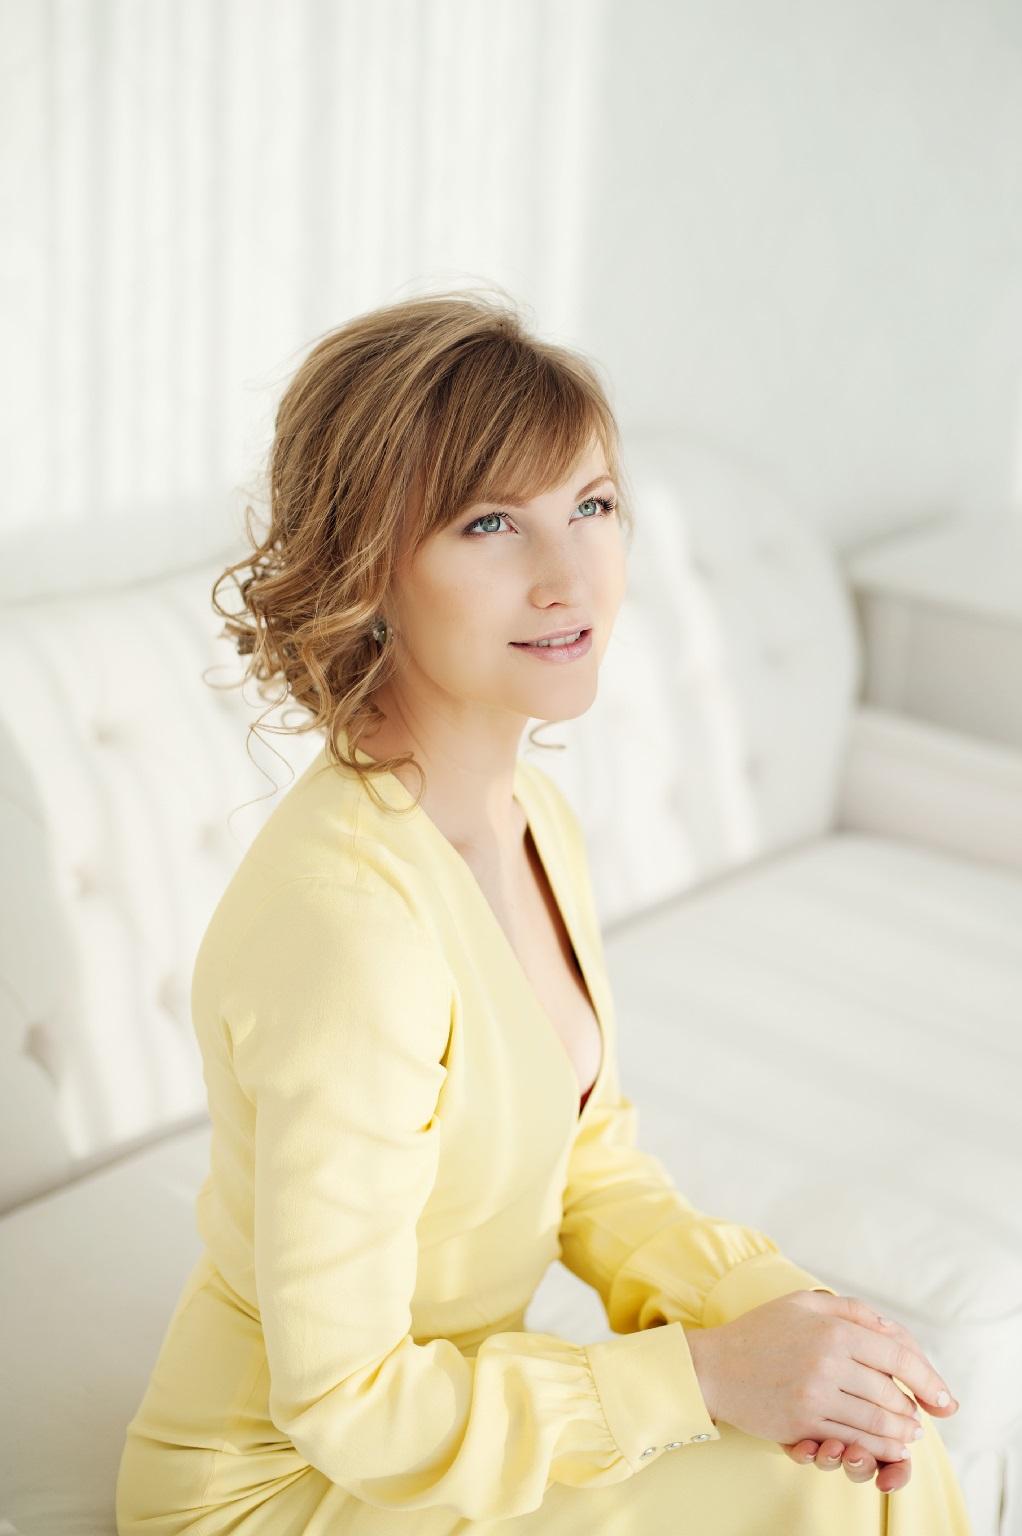 Екатерина Матанцева: экологичные привычки делают меня счастливой